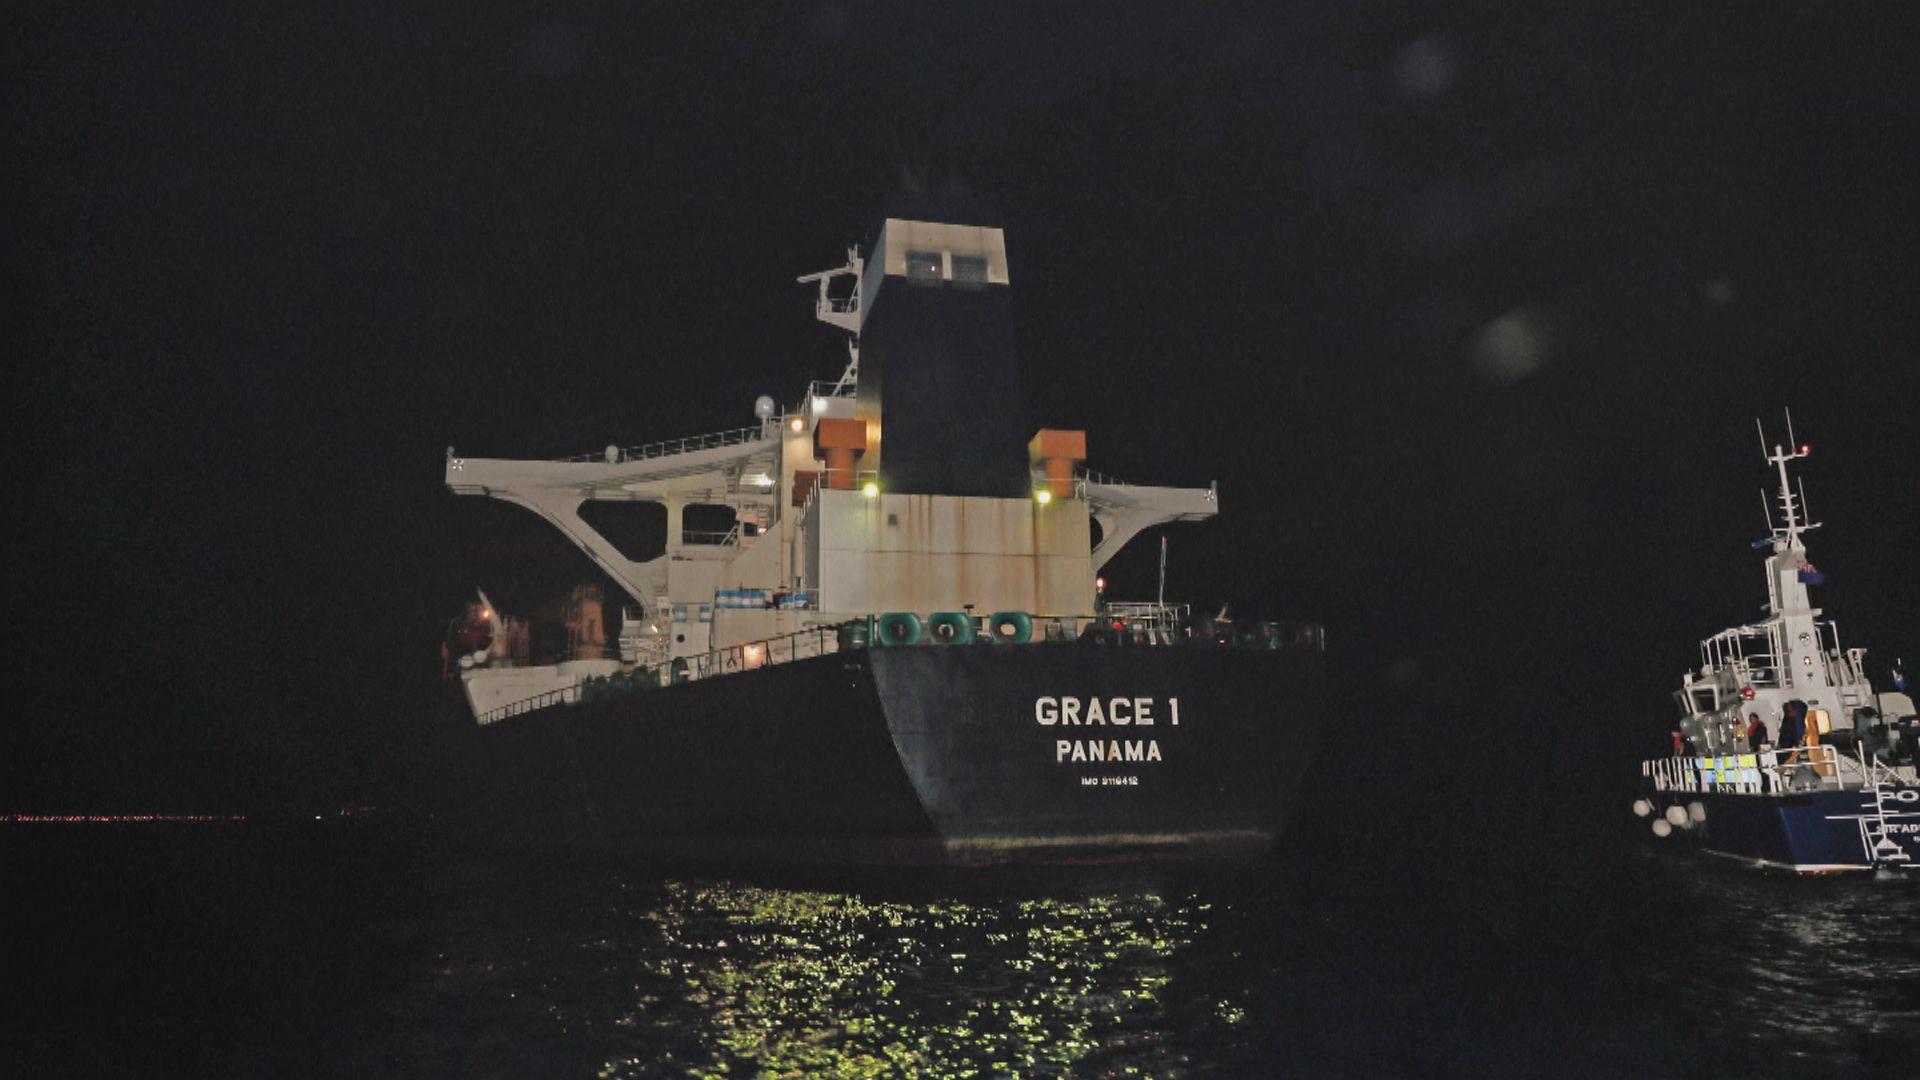 疑違反歐盟禁令 英軍扣查伊朗運油船